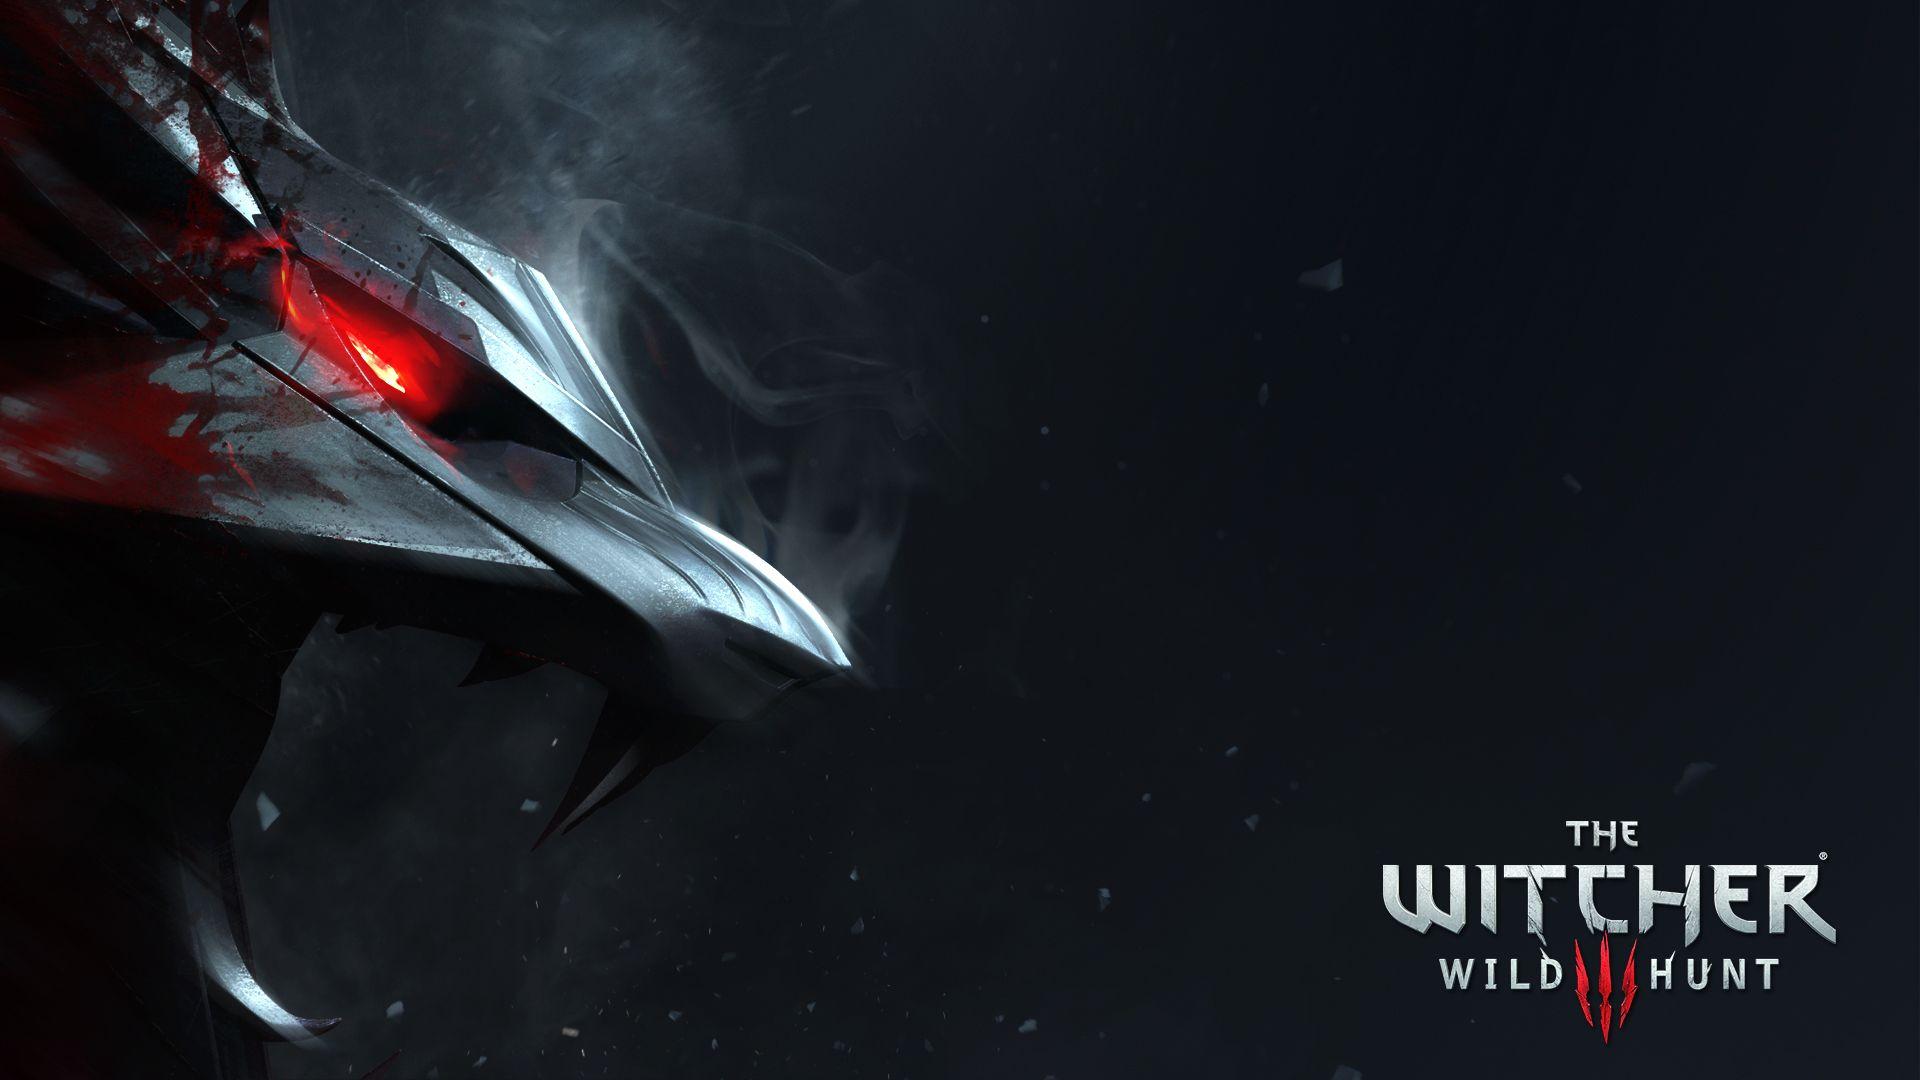 Witcher Logo Emblem, Picture